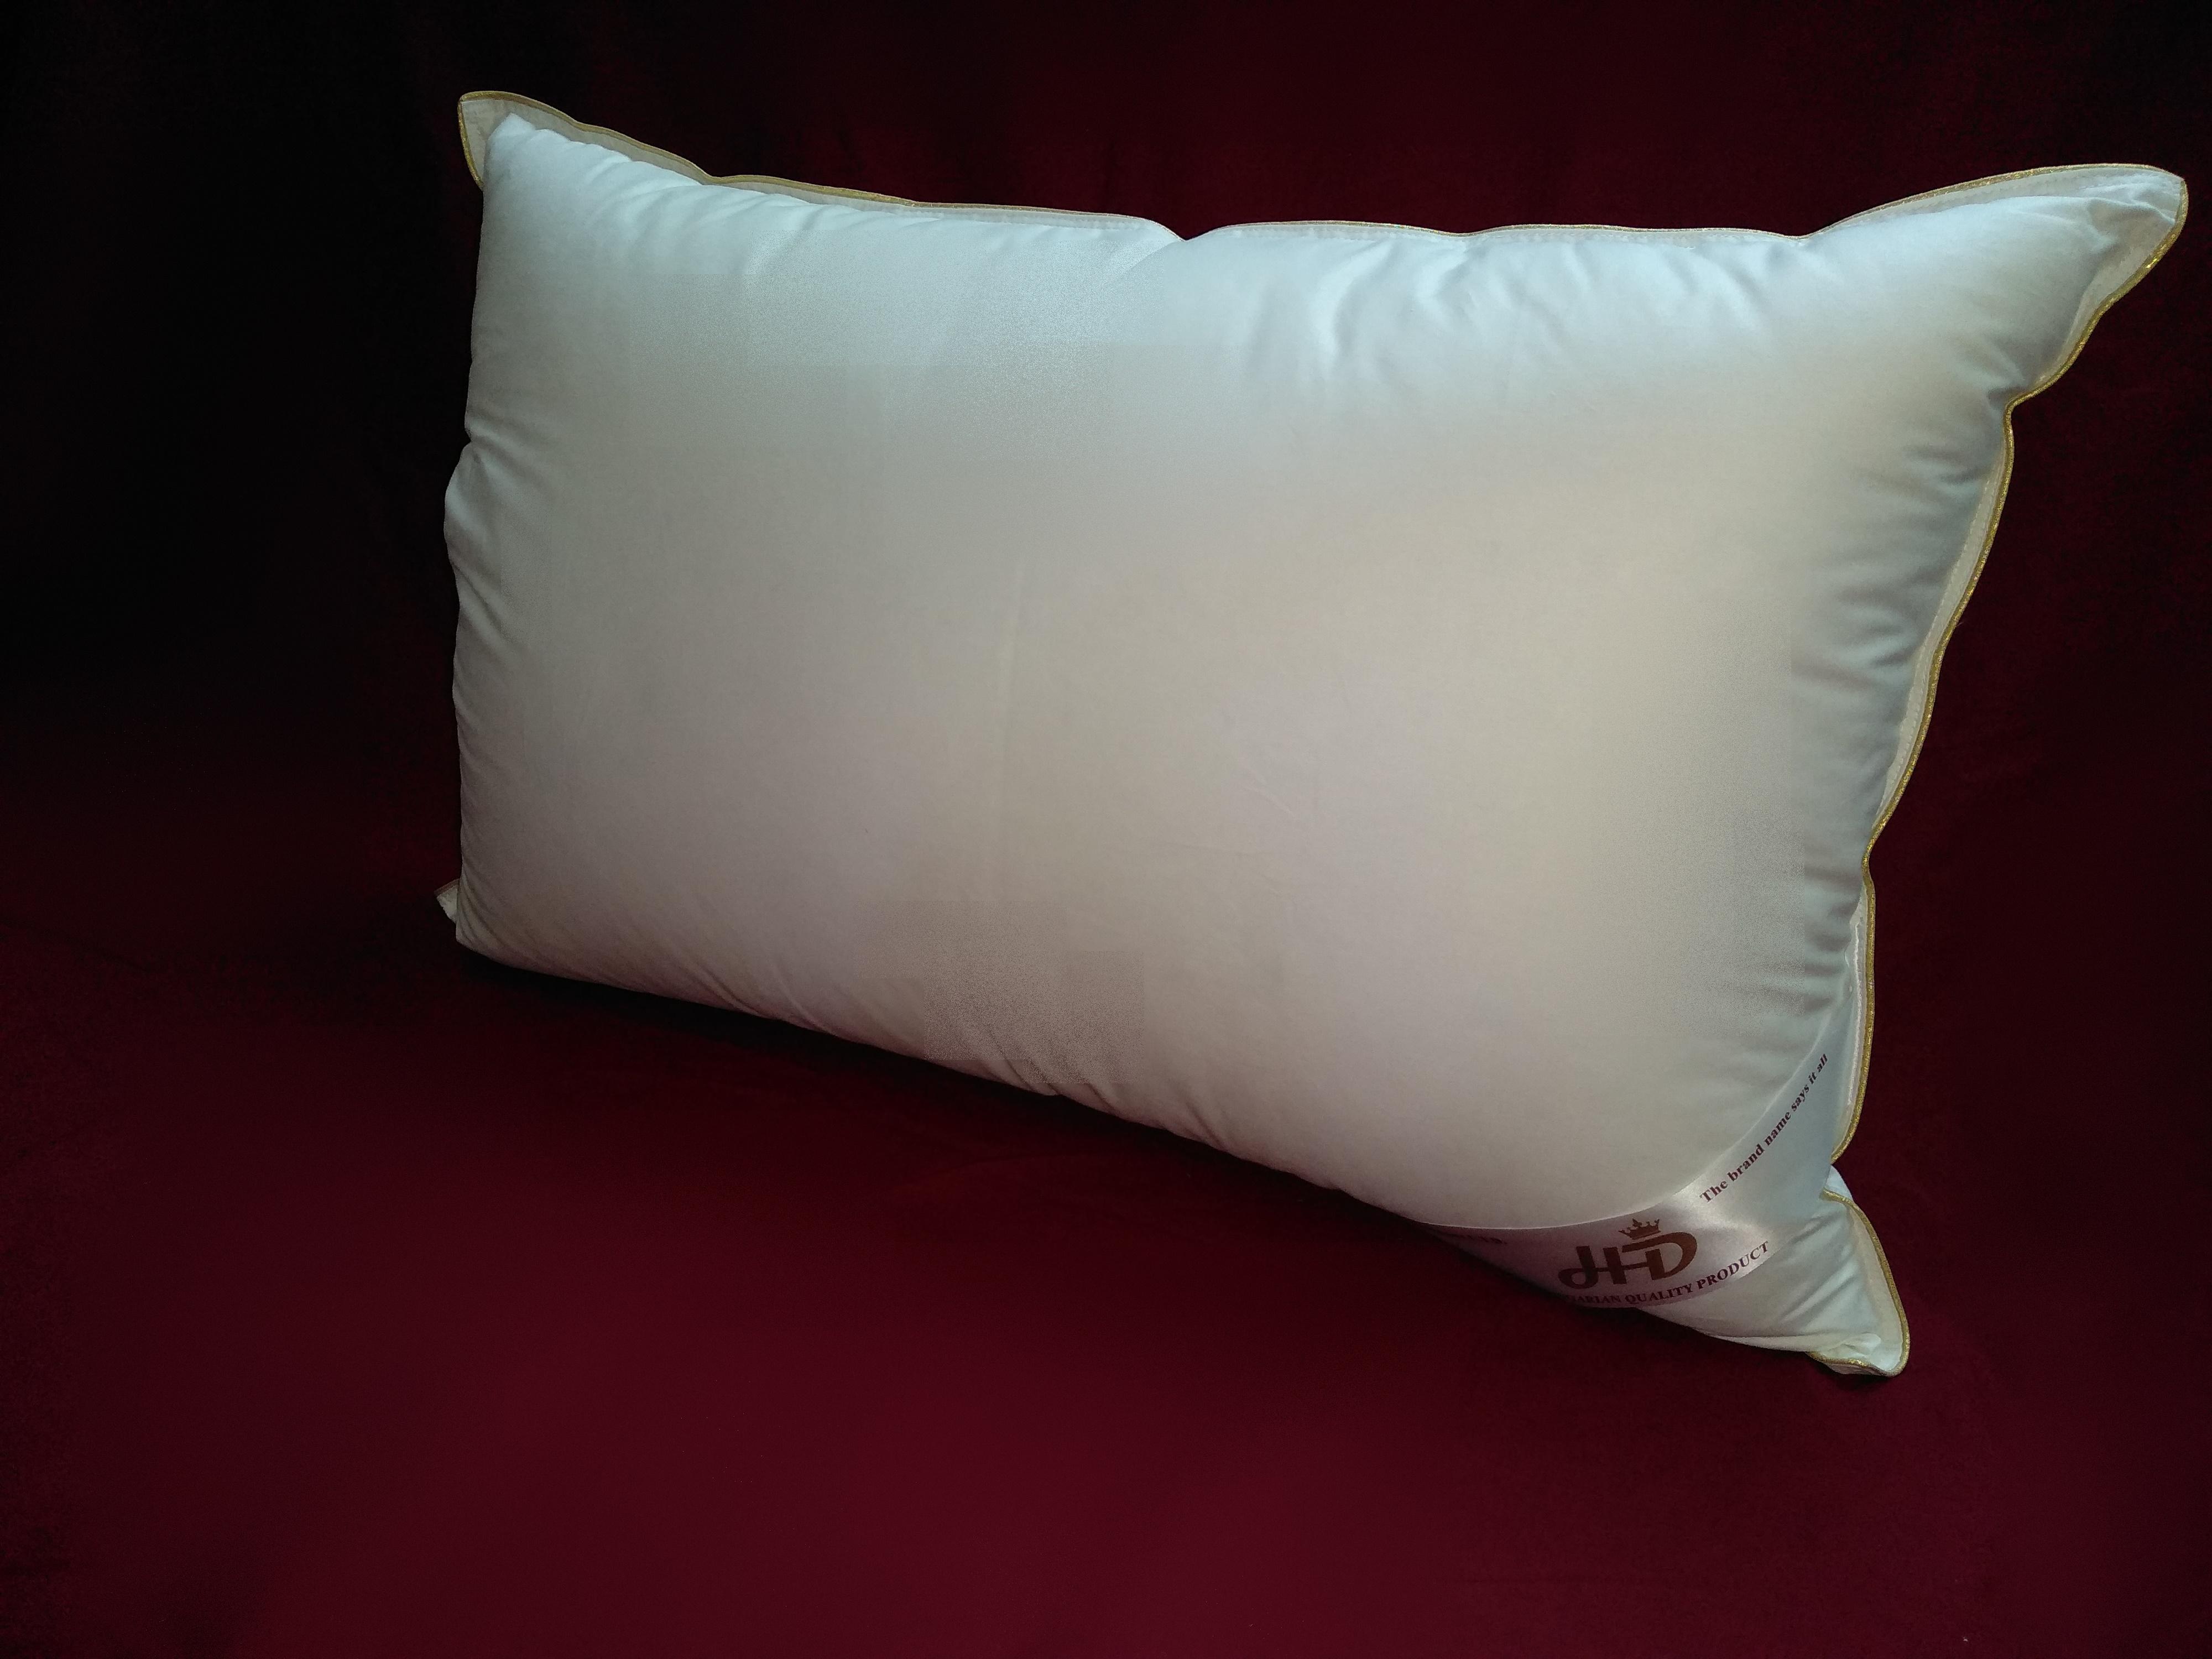 Down Pillow Hunnia Daunen Kft